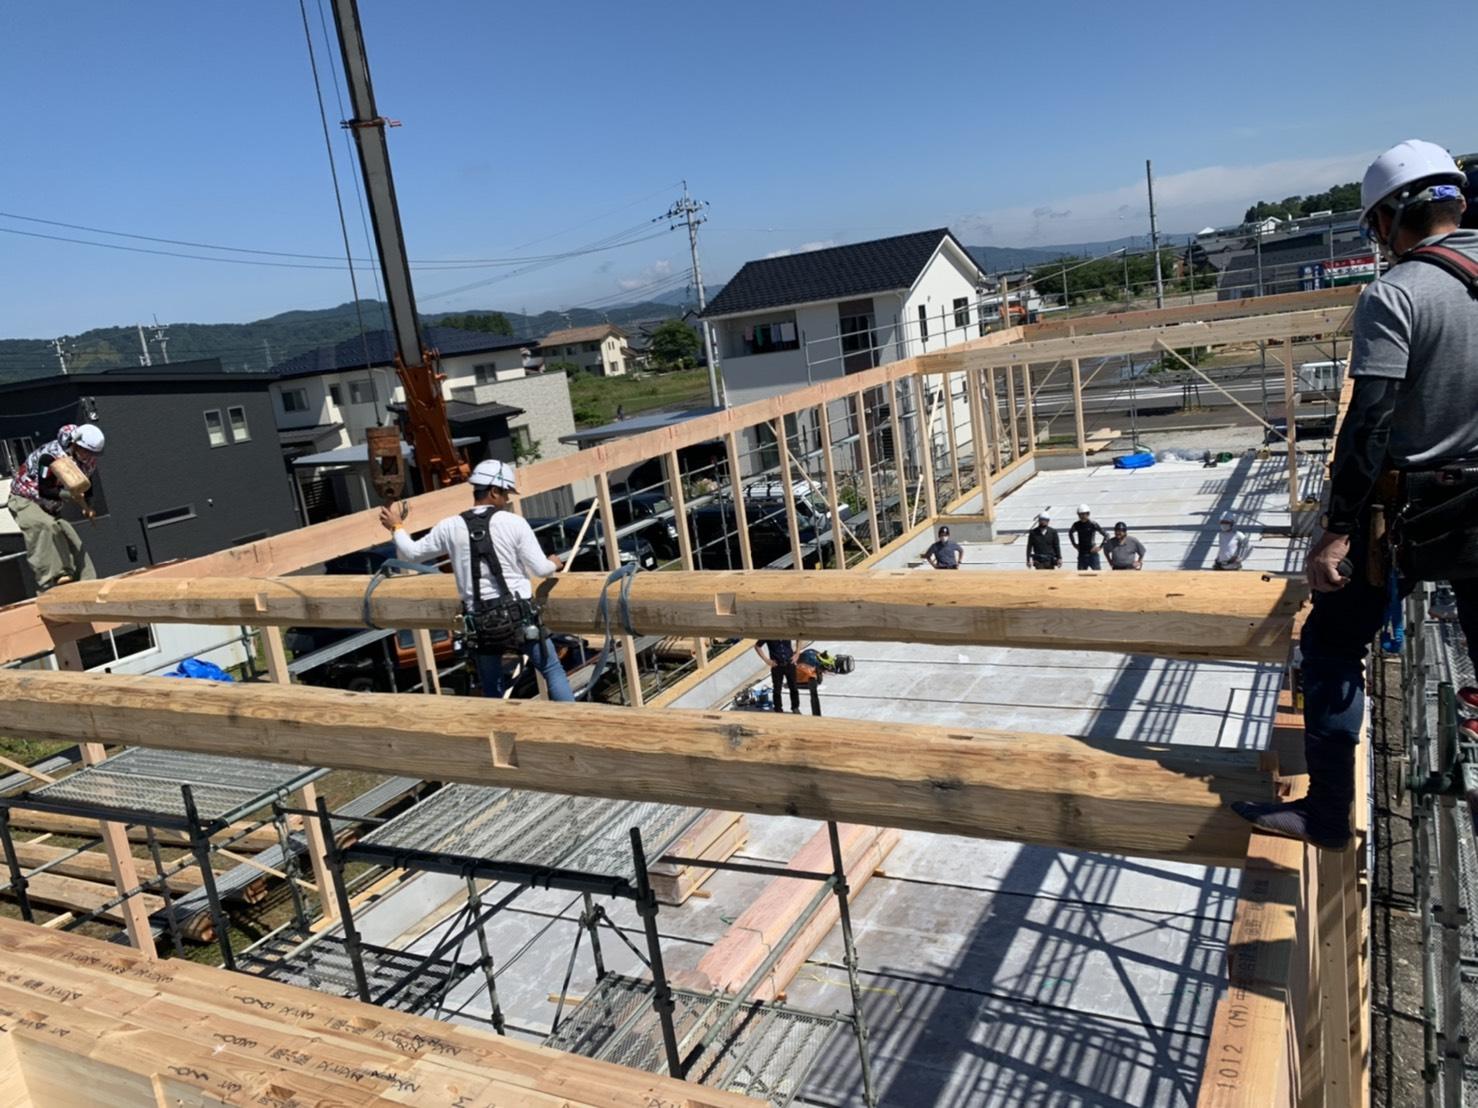 福井県越前市 某会社倉庫新築現場 木造建方工事